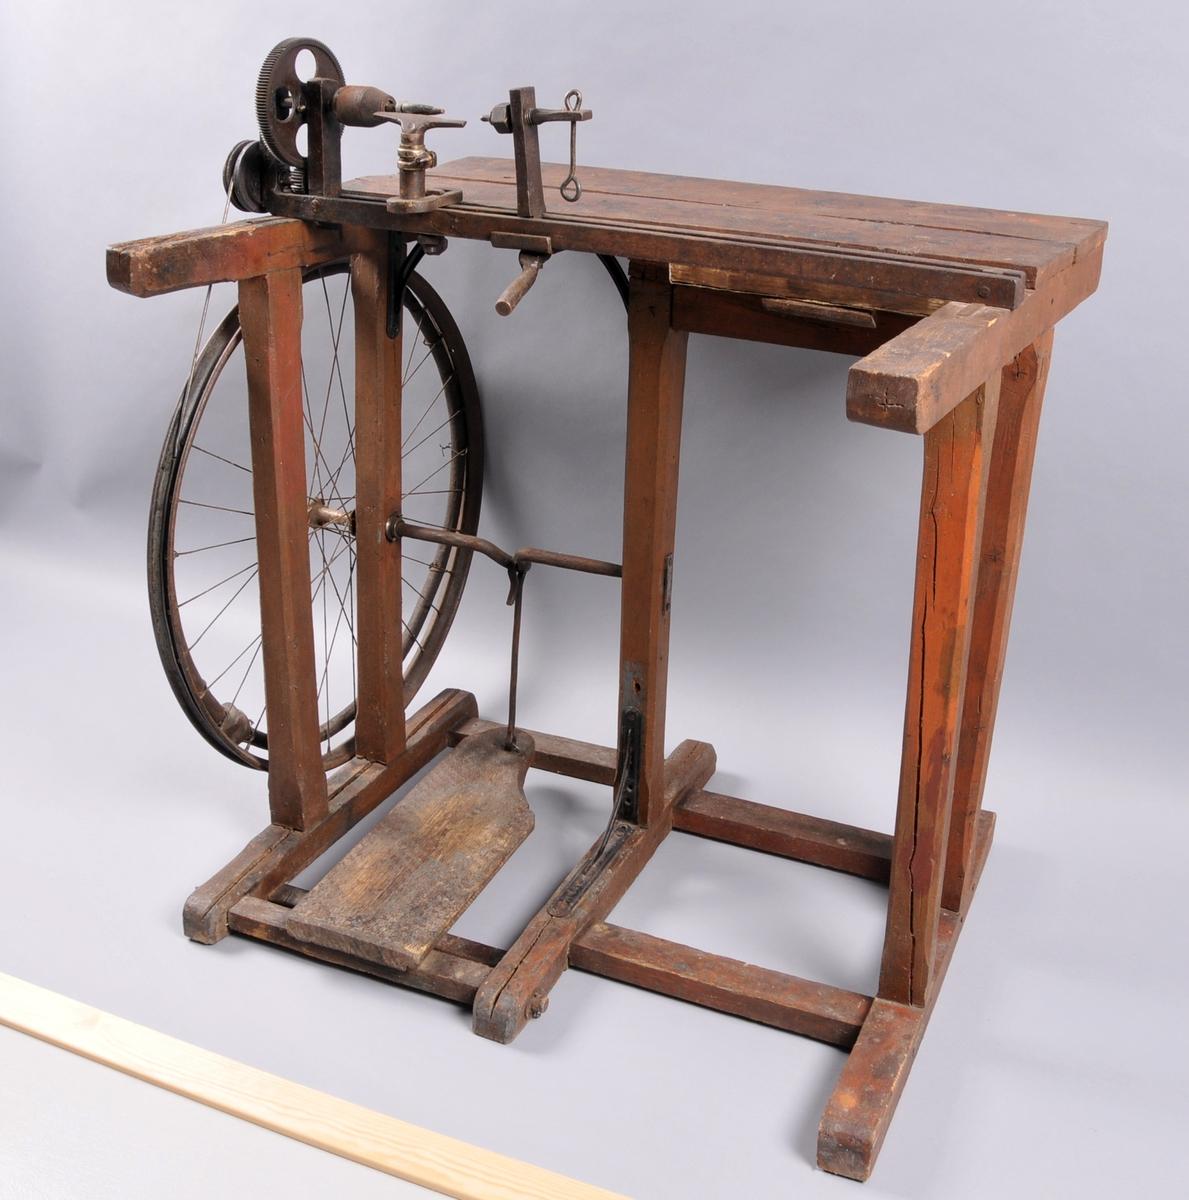 Underdel/ stativ av tre og anlegg av jern. Svinghjul av ein sykkelfelg som drivast av ein pedal.